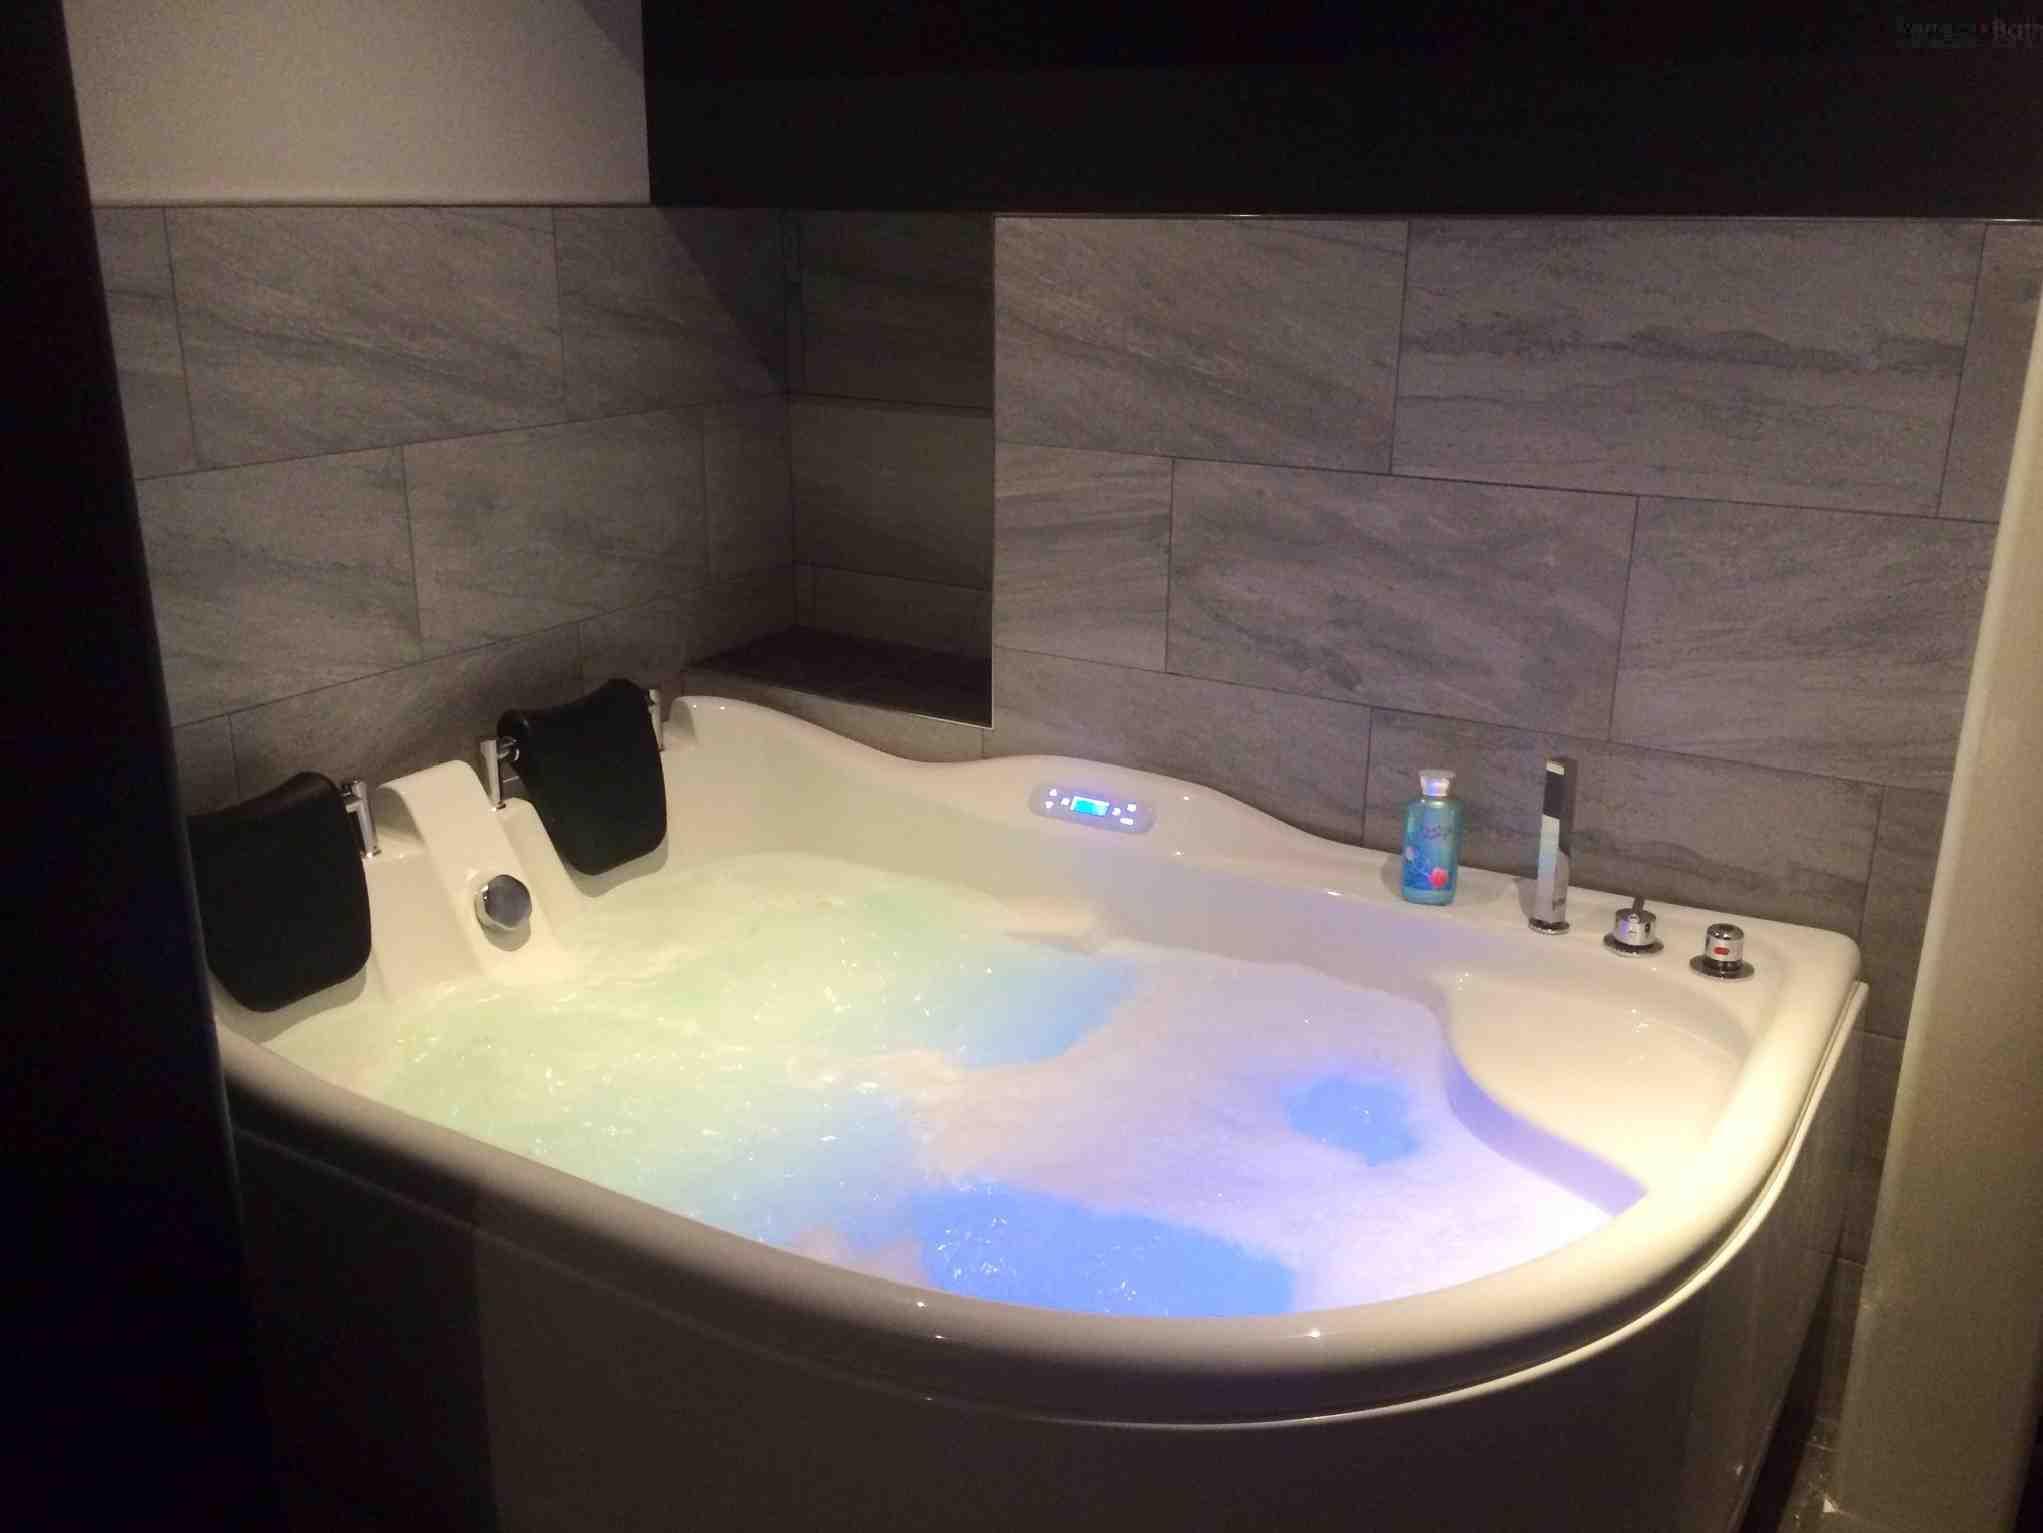 Whirlpool Bathtub for Two People - AM124 | Perfect Bath Canada